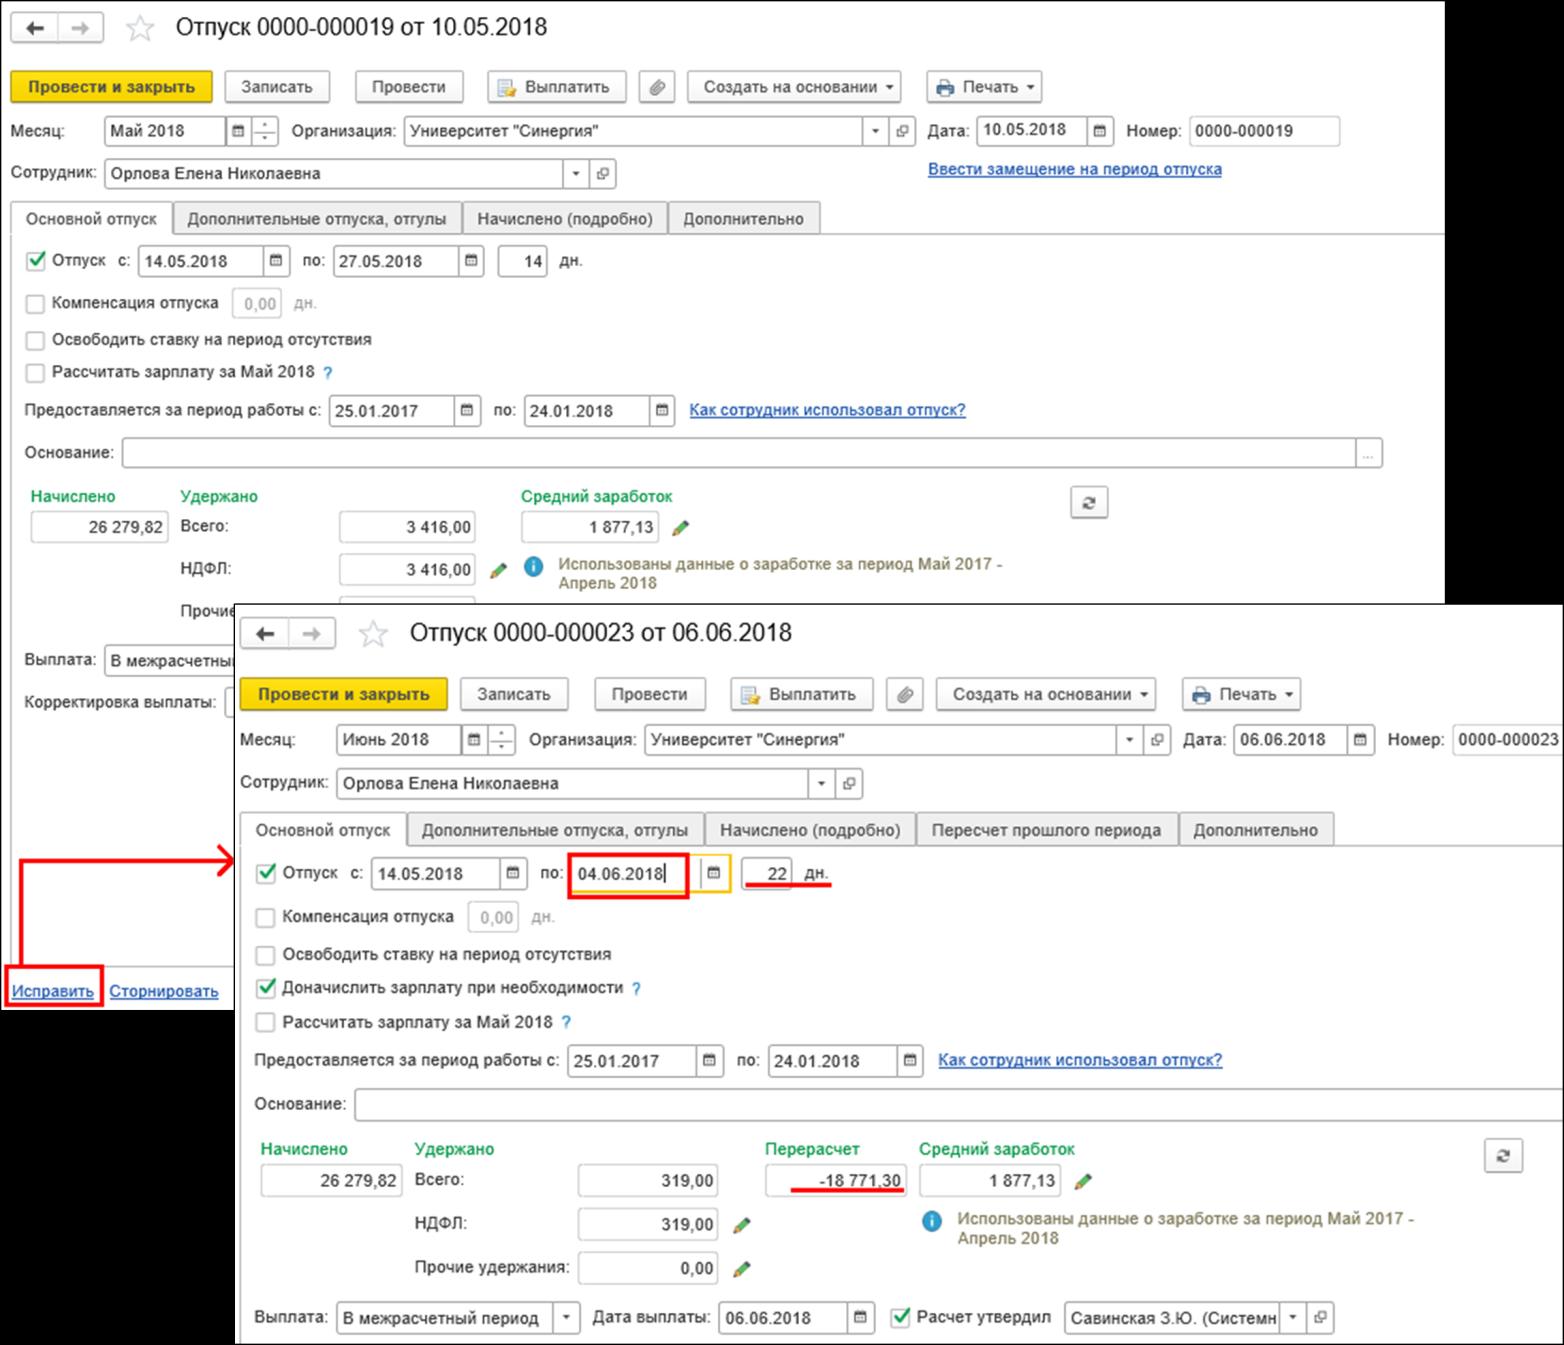 C:\Users\Admin\Desktop\Скрины!!! для статьи\отпуск и отпуск перерасчет 1.png